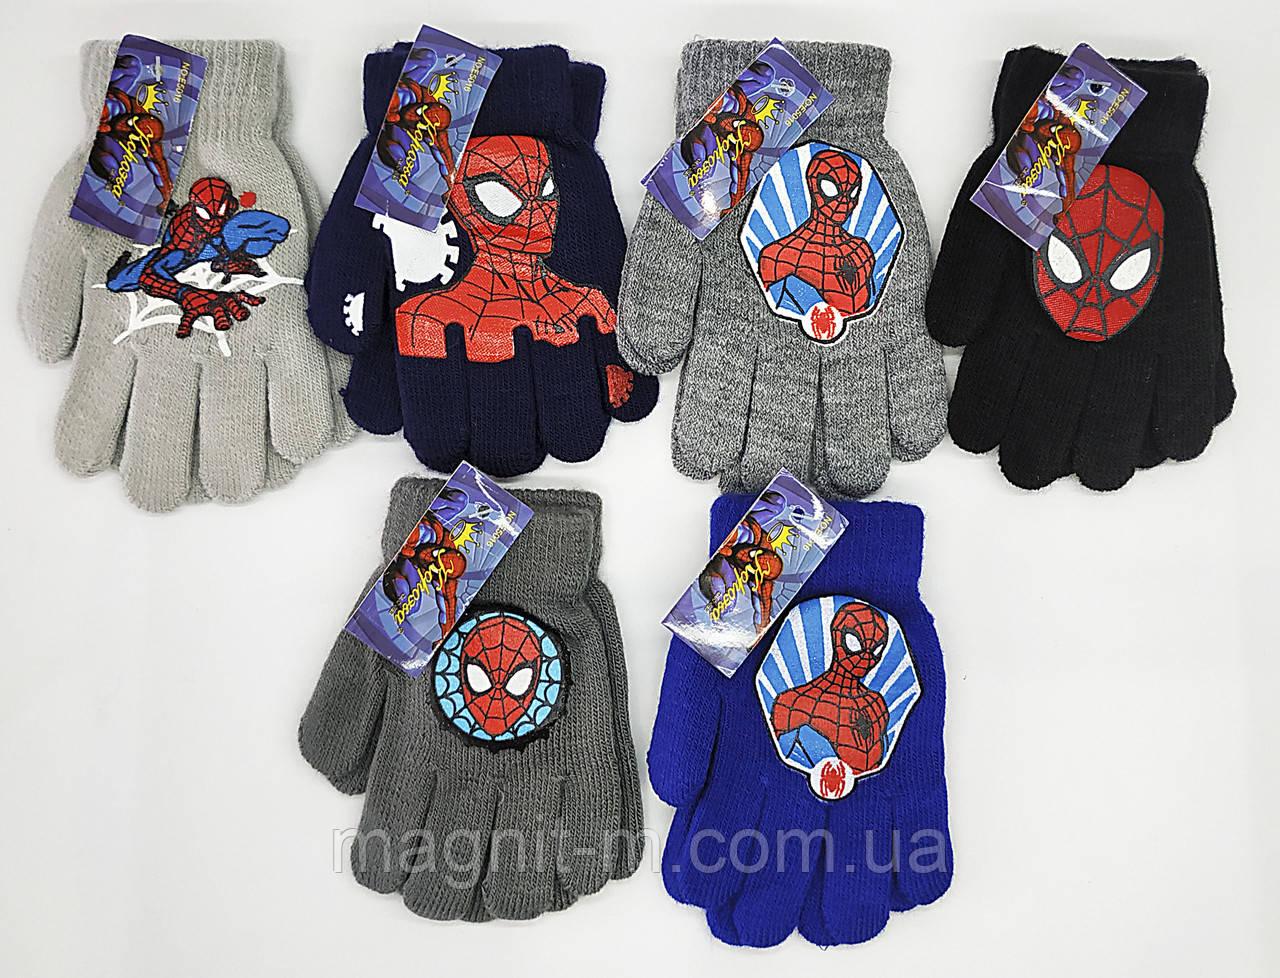 """Перчатки детские для мальчиков """"Корона"""". Человек Паук. Внутри начес. Размер S (3-4 года). E5016."""